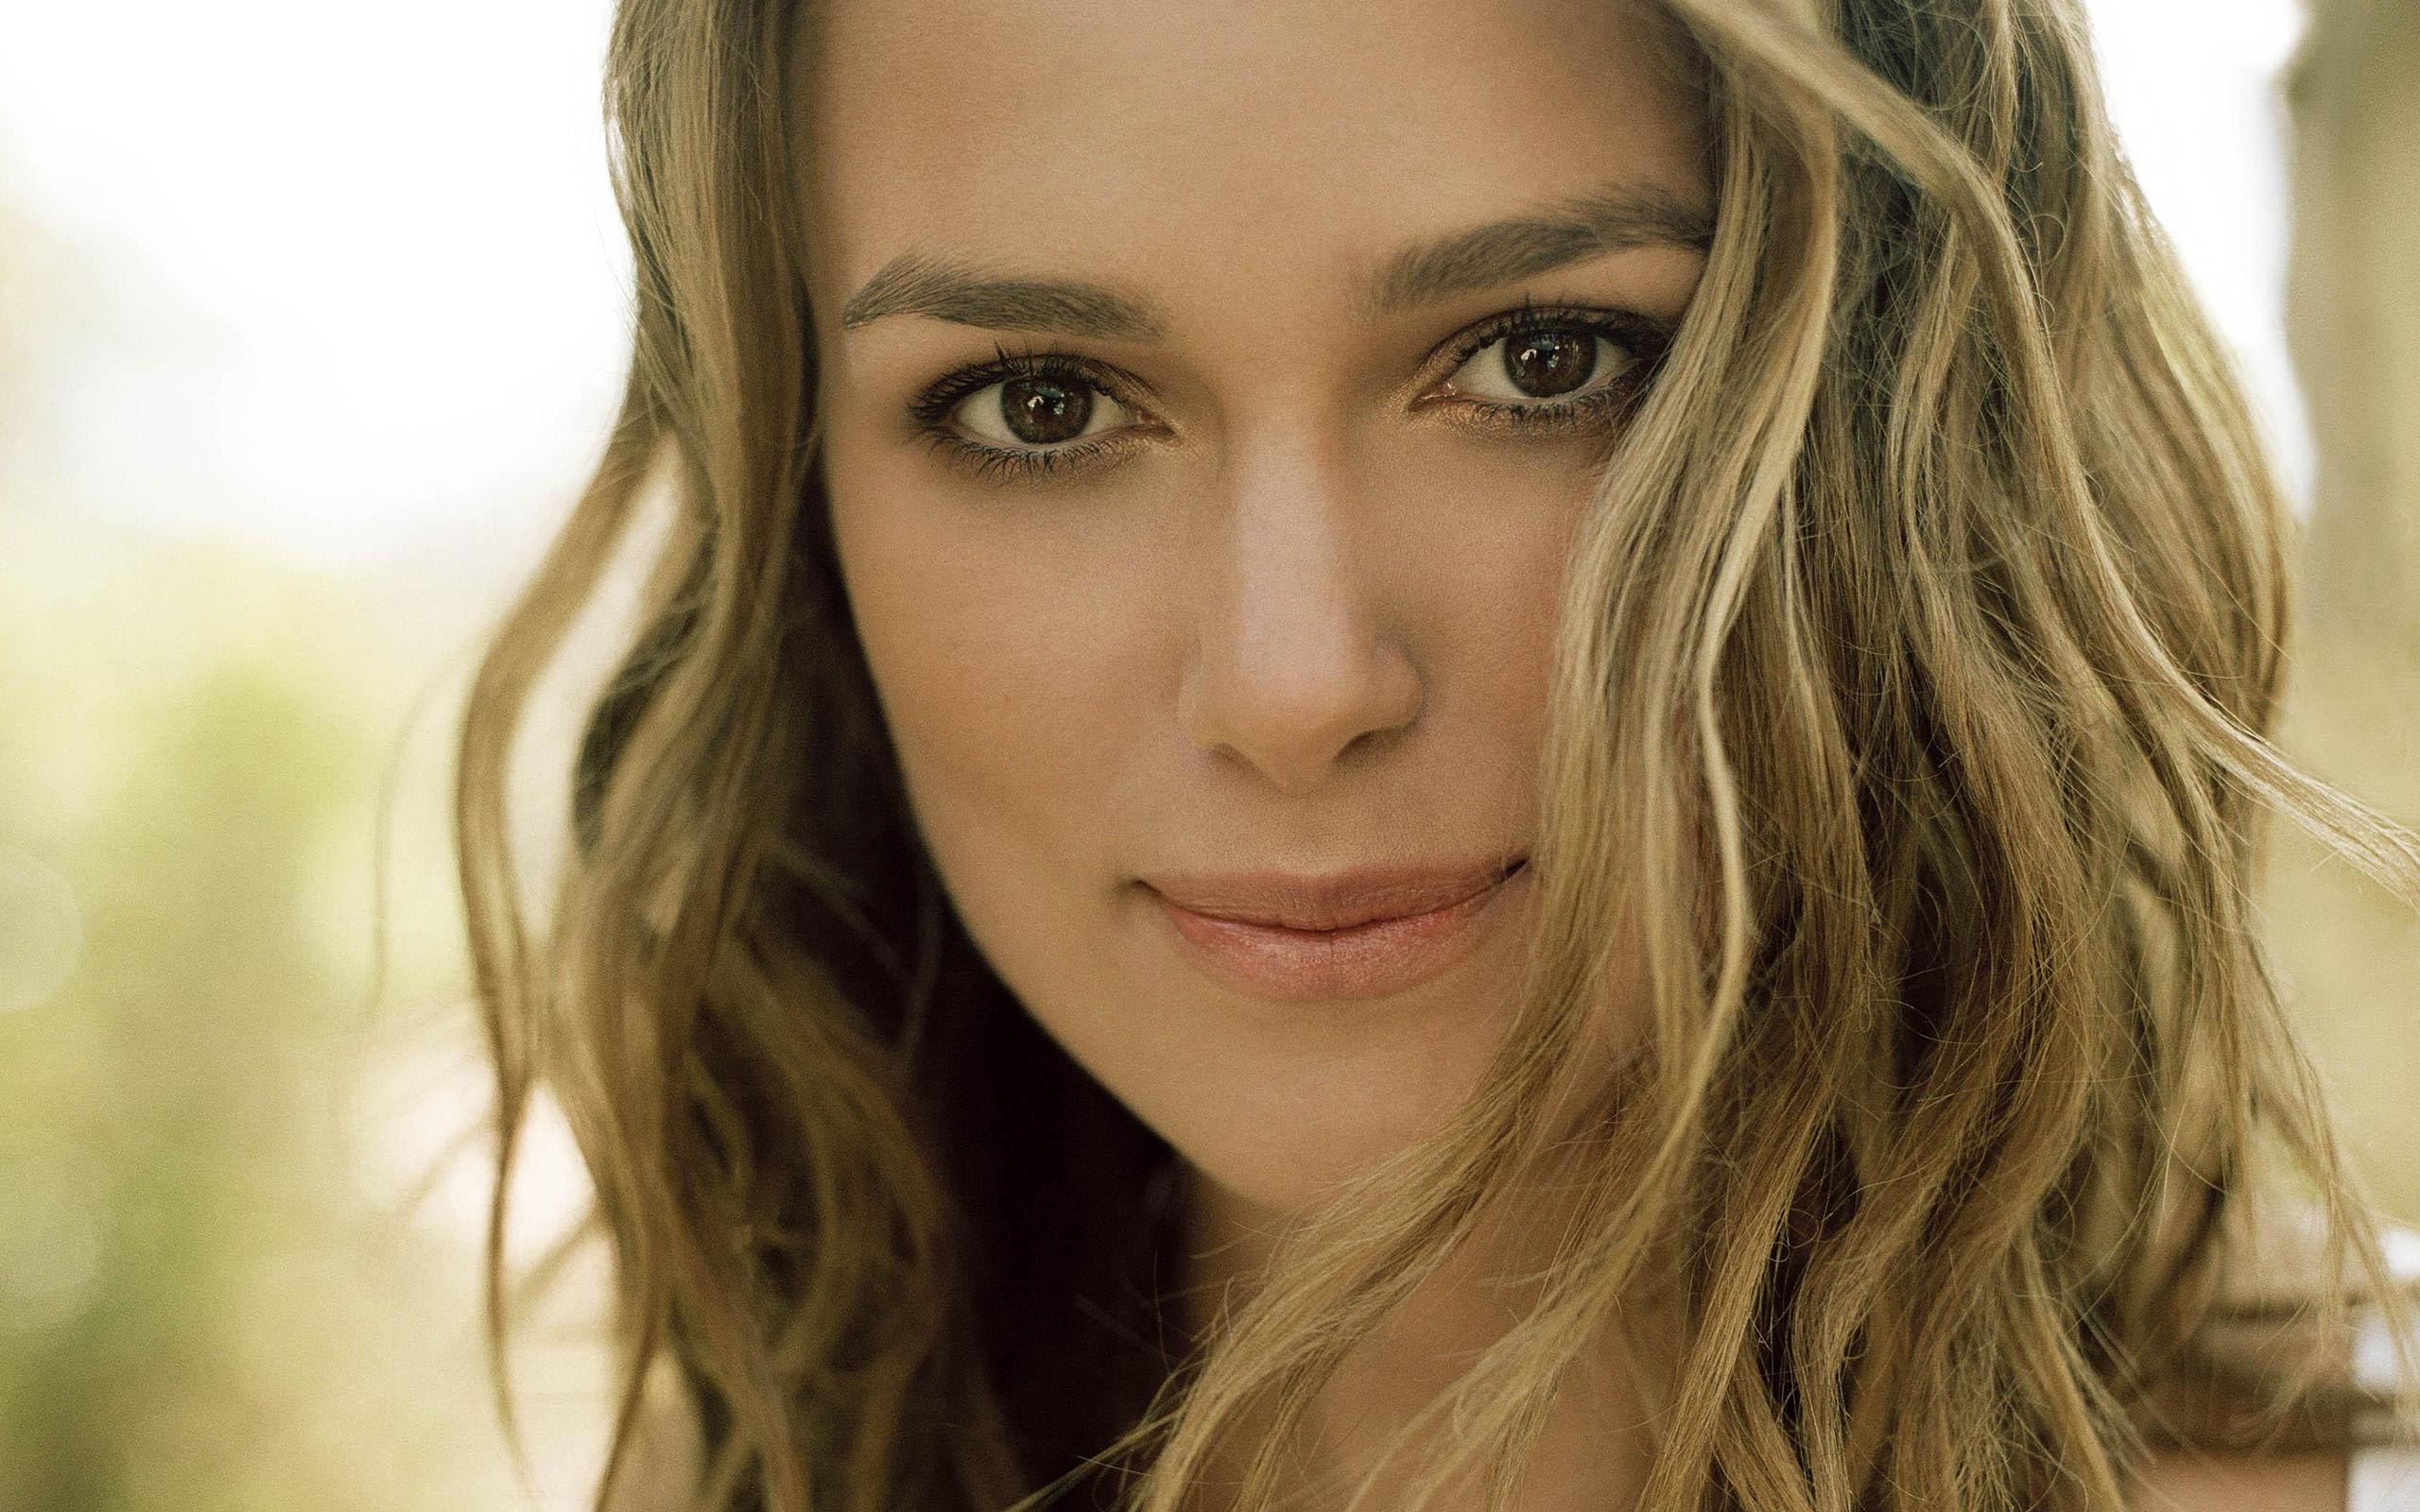 сначала просто знаменитые зарубежные актрисы воспринимаю модель